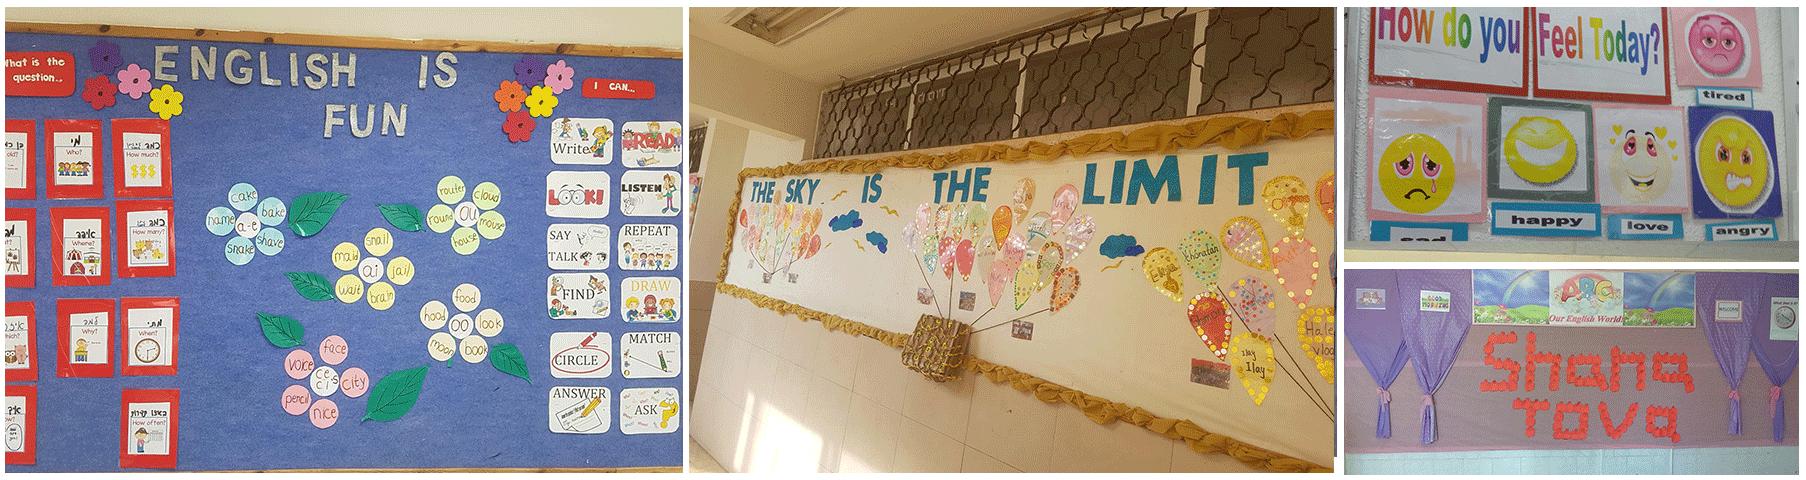 עיצוב פינת אנגלית בבית הספר במקום כיתת אנגלית